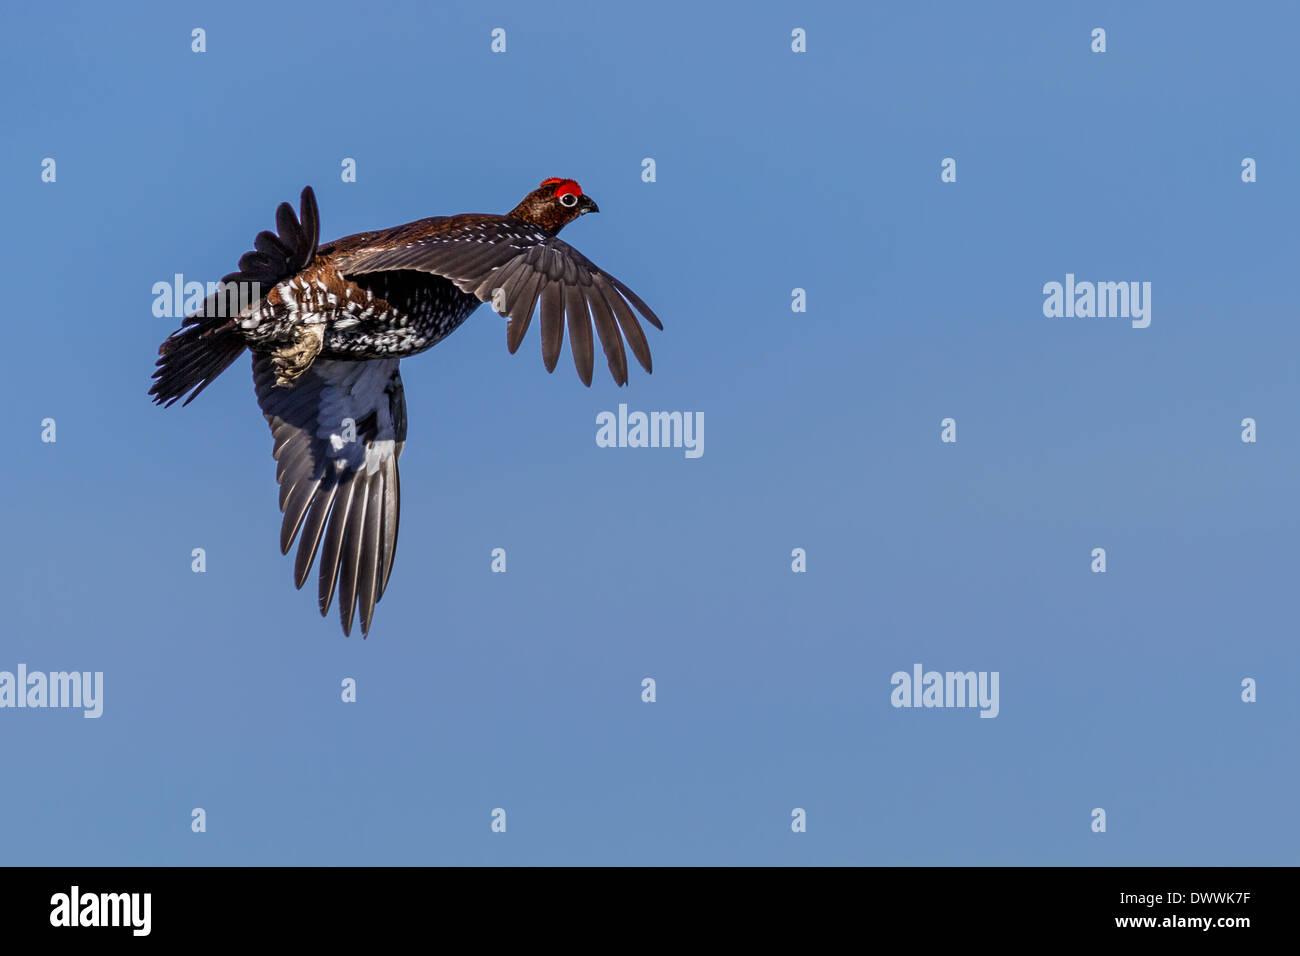 Fauna: El urogallo rojo (lagopus lagopus) volando tras despegar, Inglaterra, Reino Unido. Foto de stock